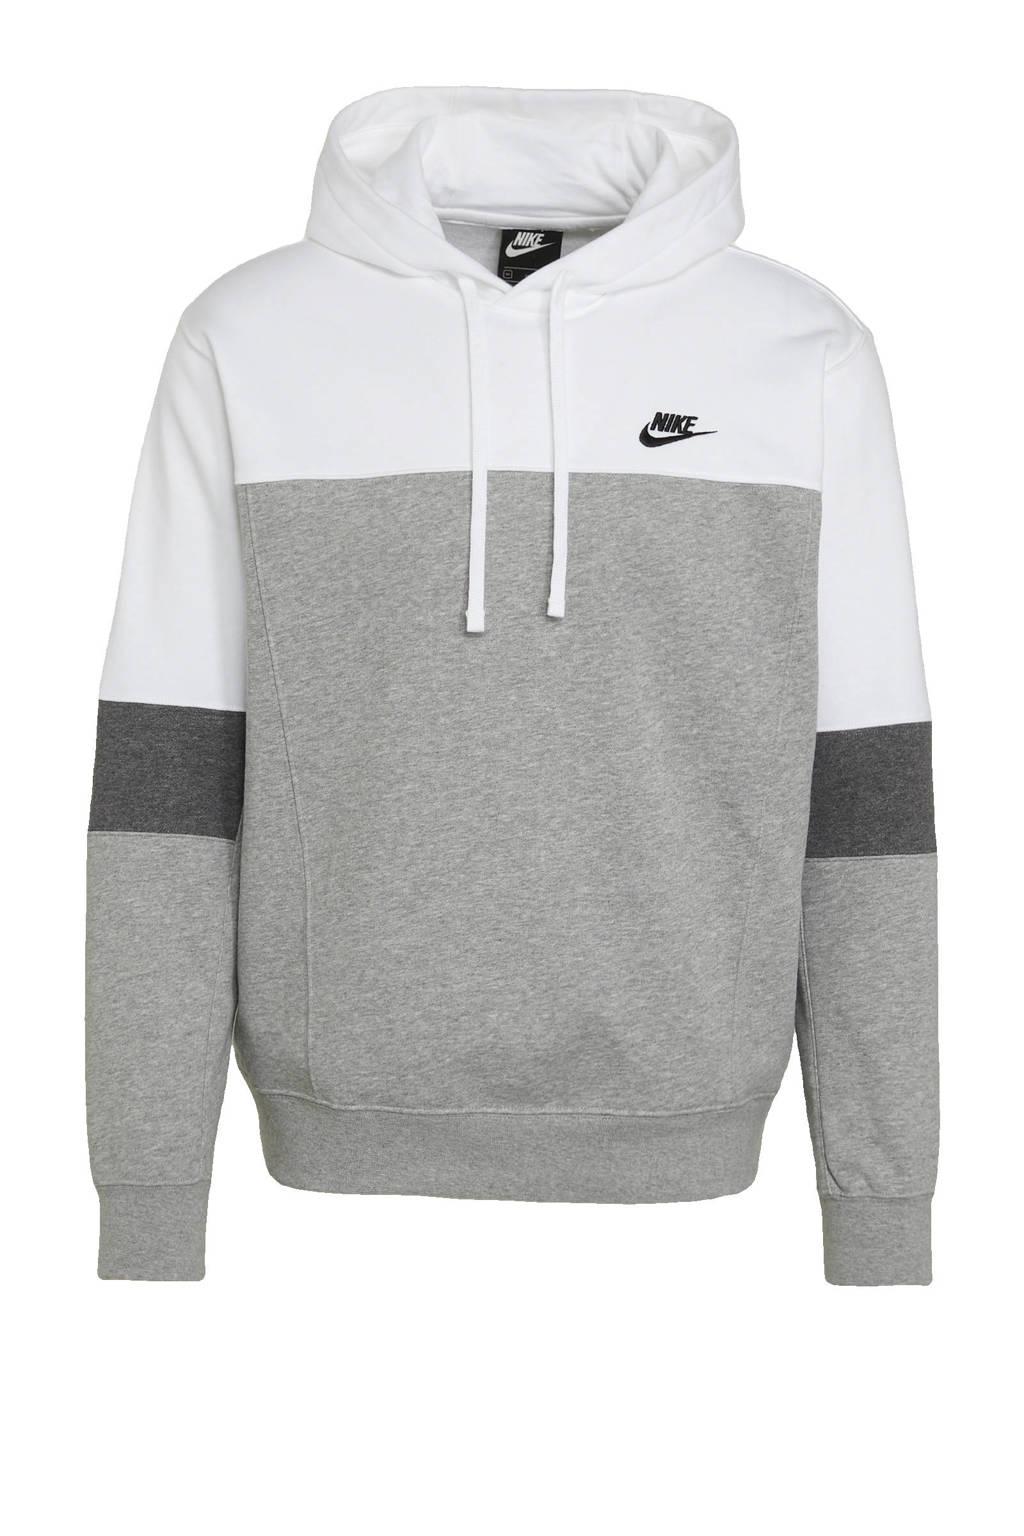 Nike hoodie wit/grijs, Wit/grijs